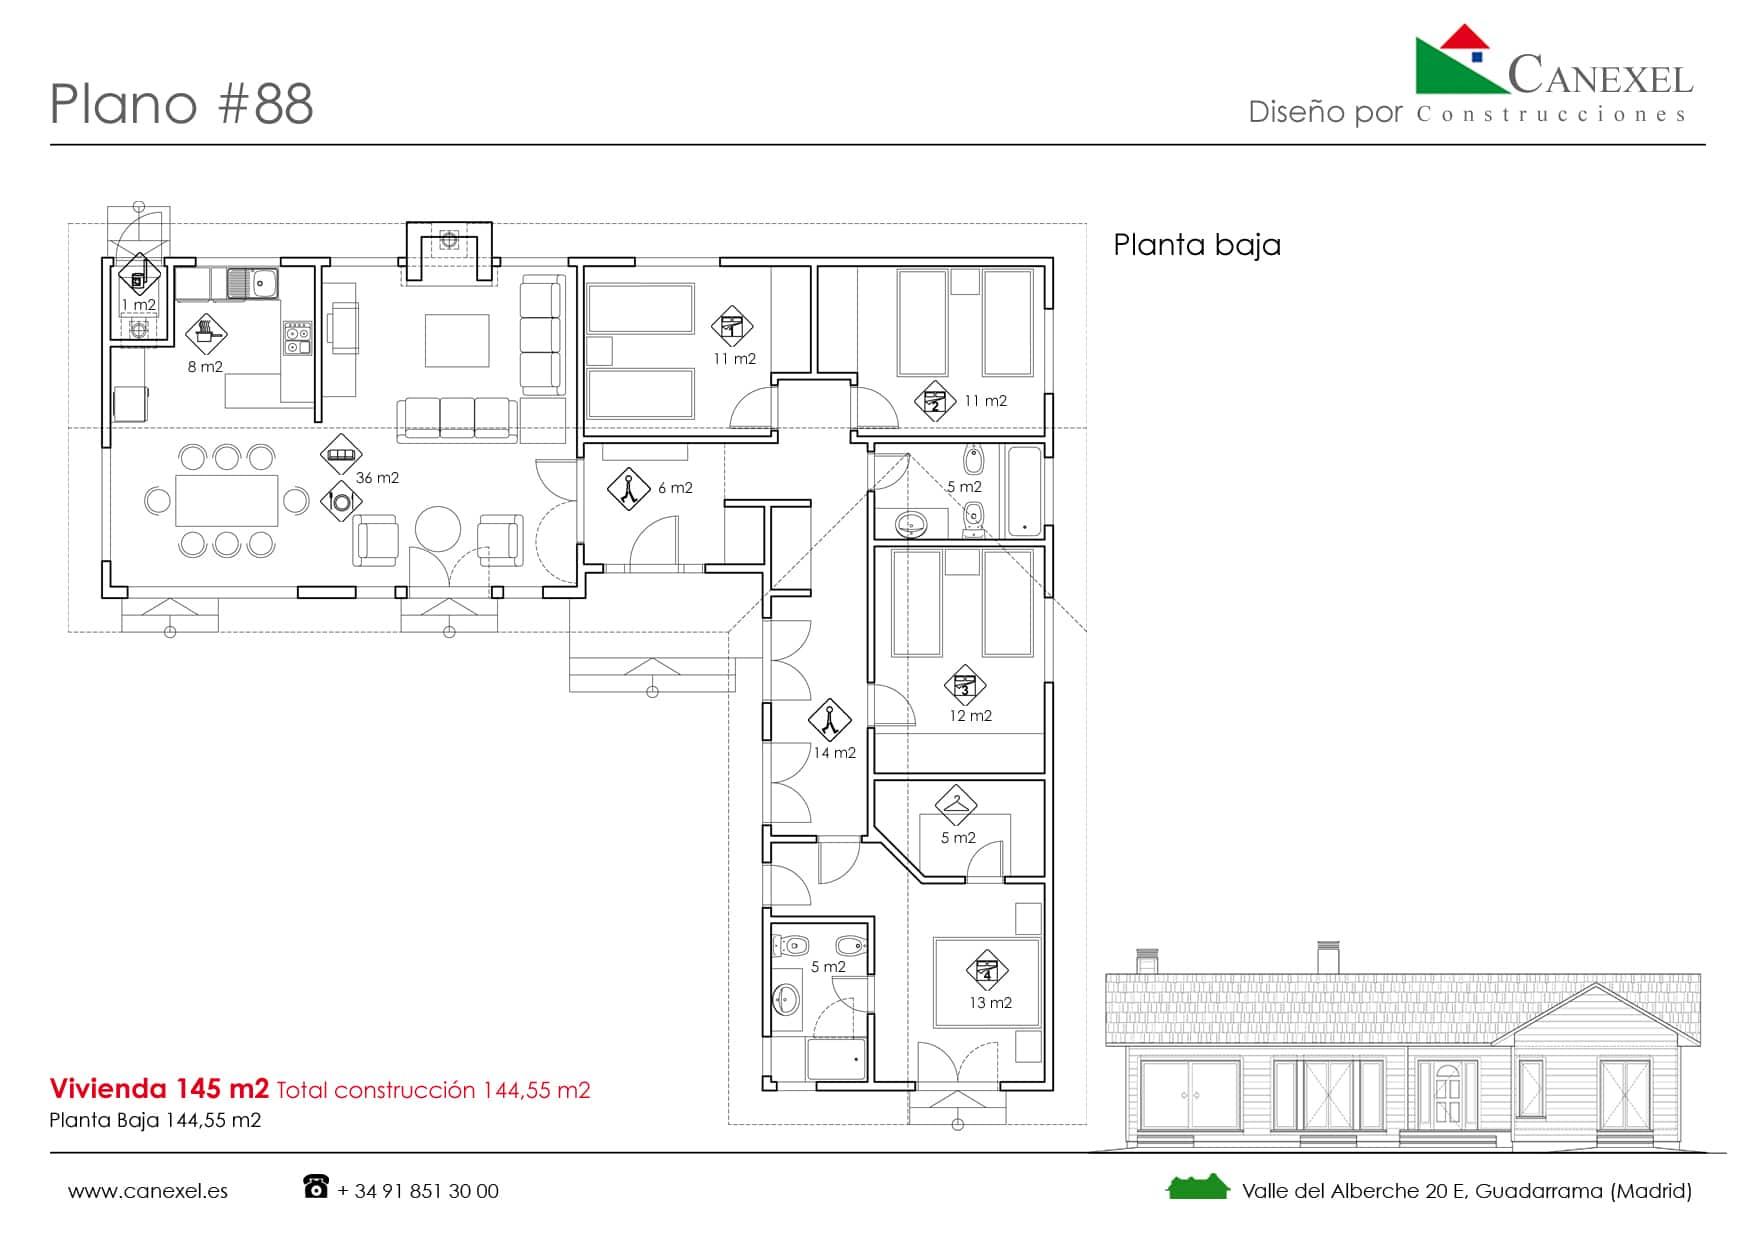 Planos de casas de una planta canexel - Planos casa una planta ...